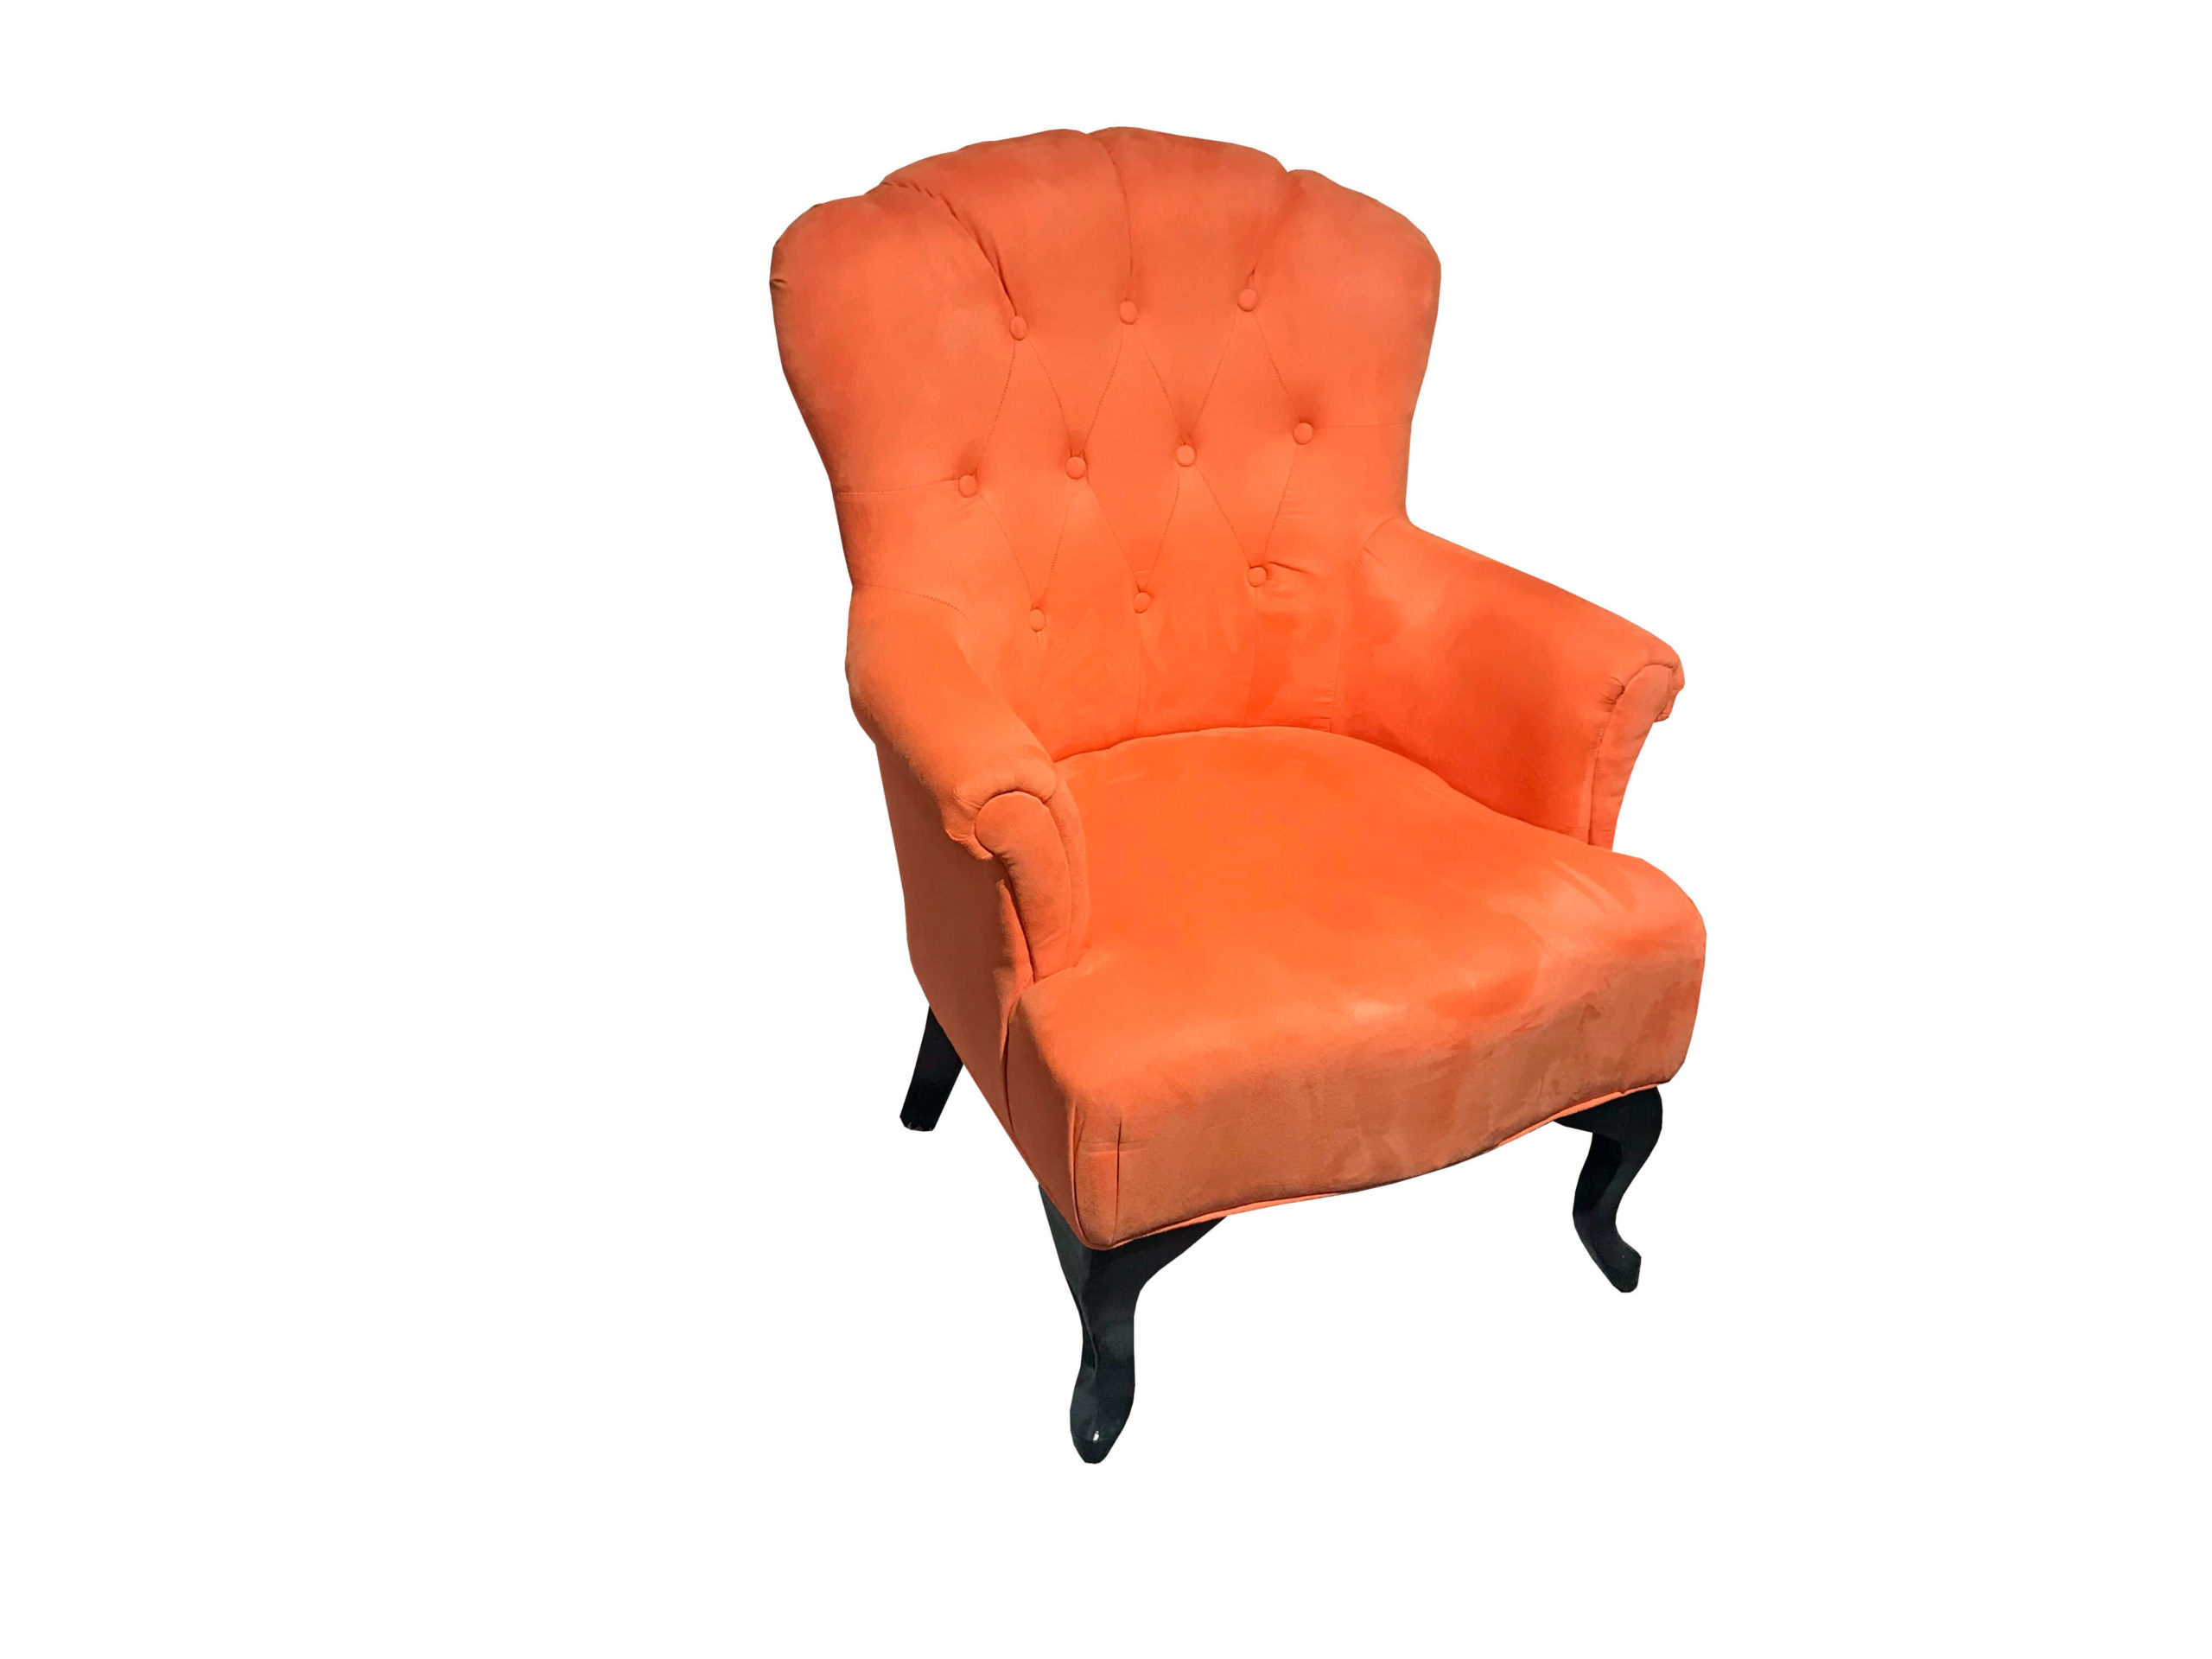 orangefarbener Sessel im Cafehaus-Stil zum Abverkaufspreis